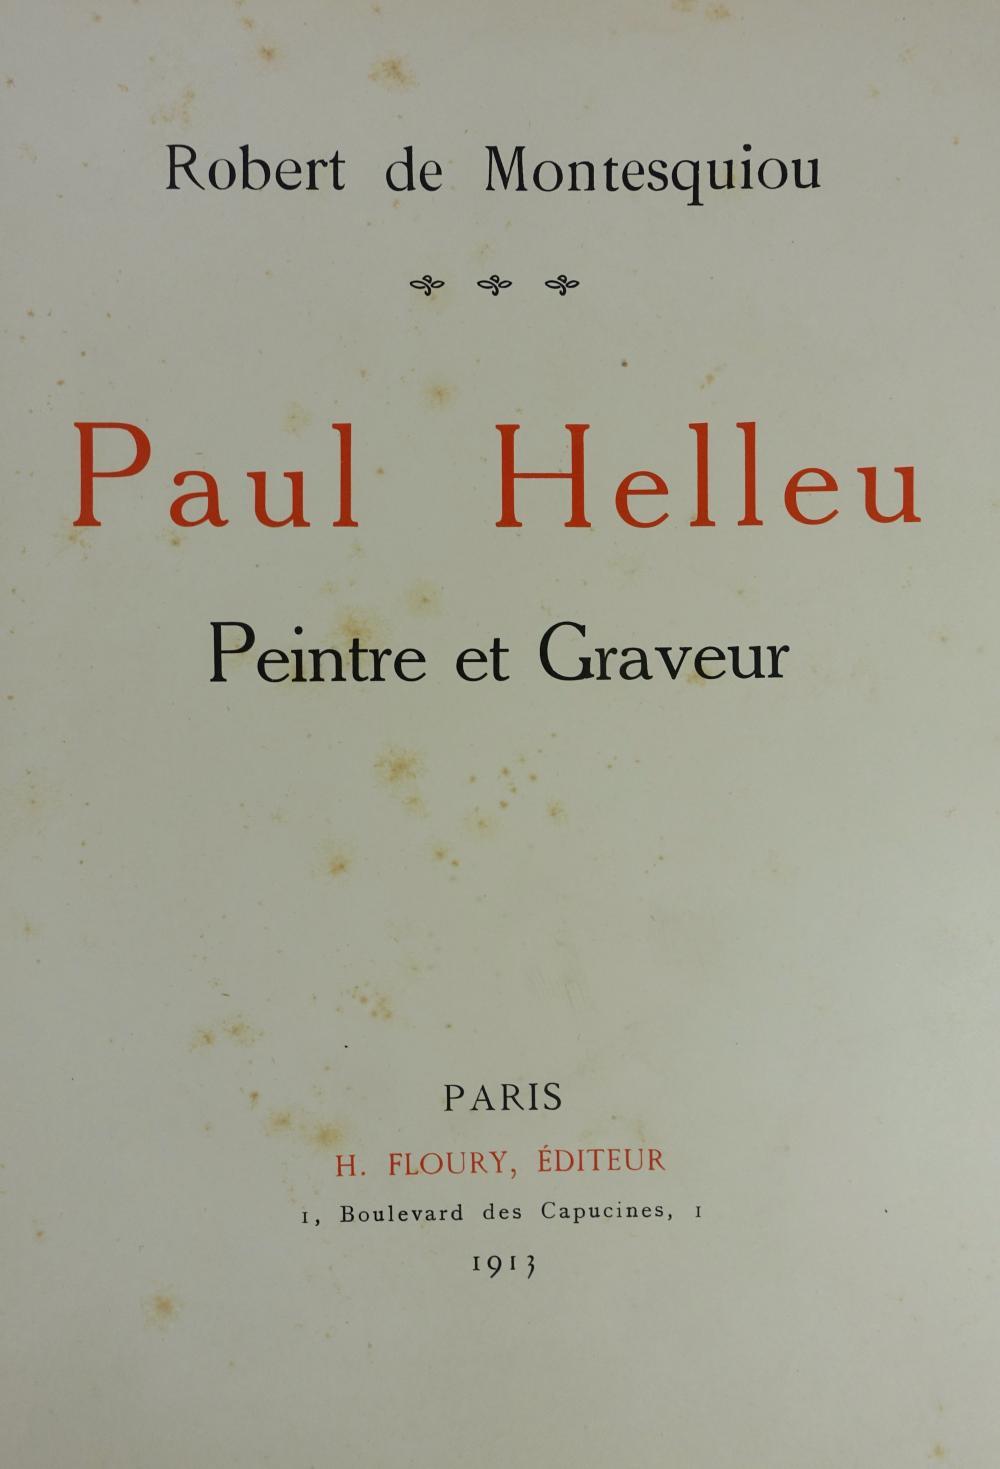 HELLEU -- MONTESQUIOU, R. de. Paul Helleu. Peintre et Graveur. Paris, H. Floury